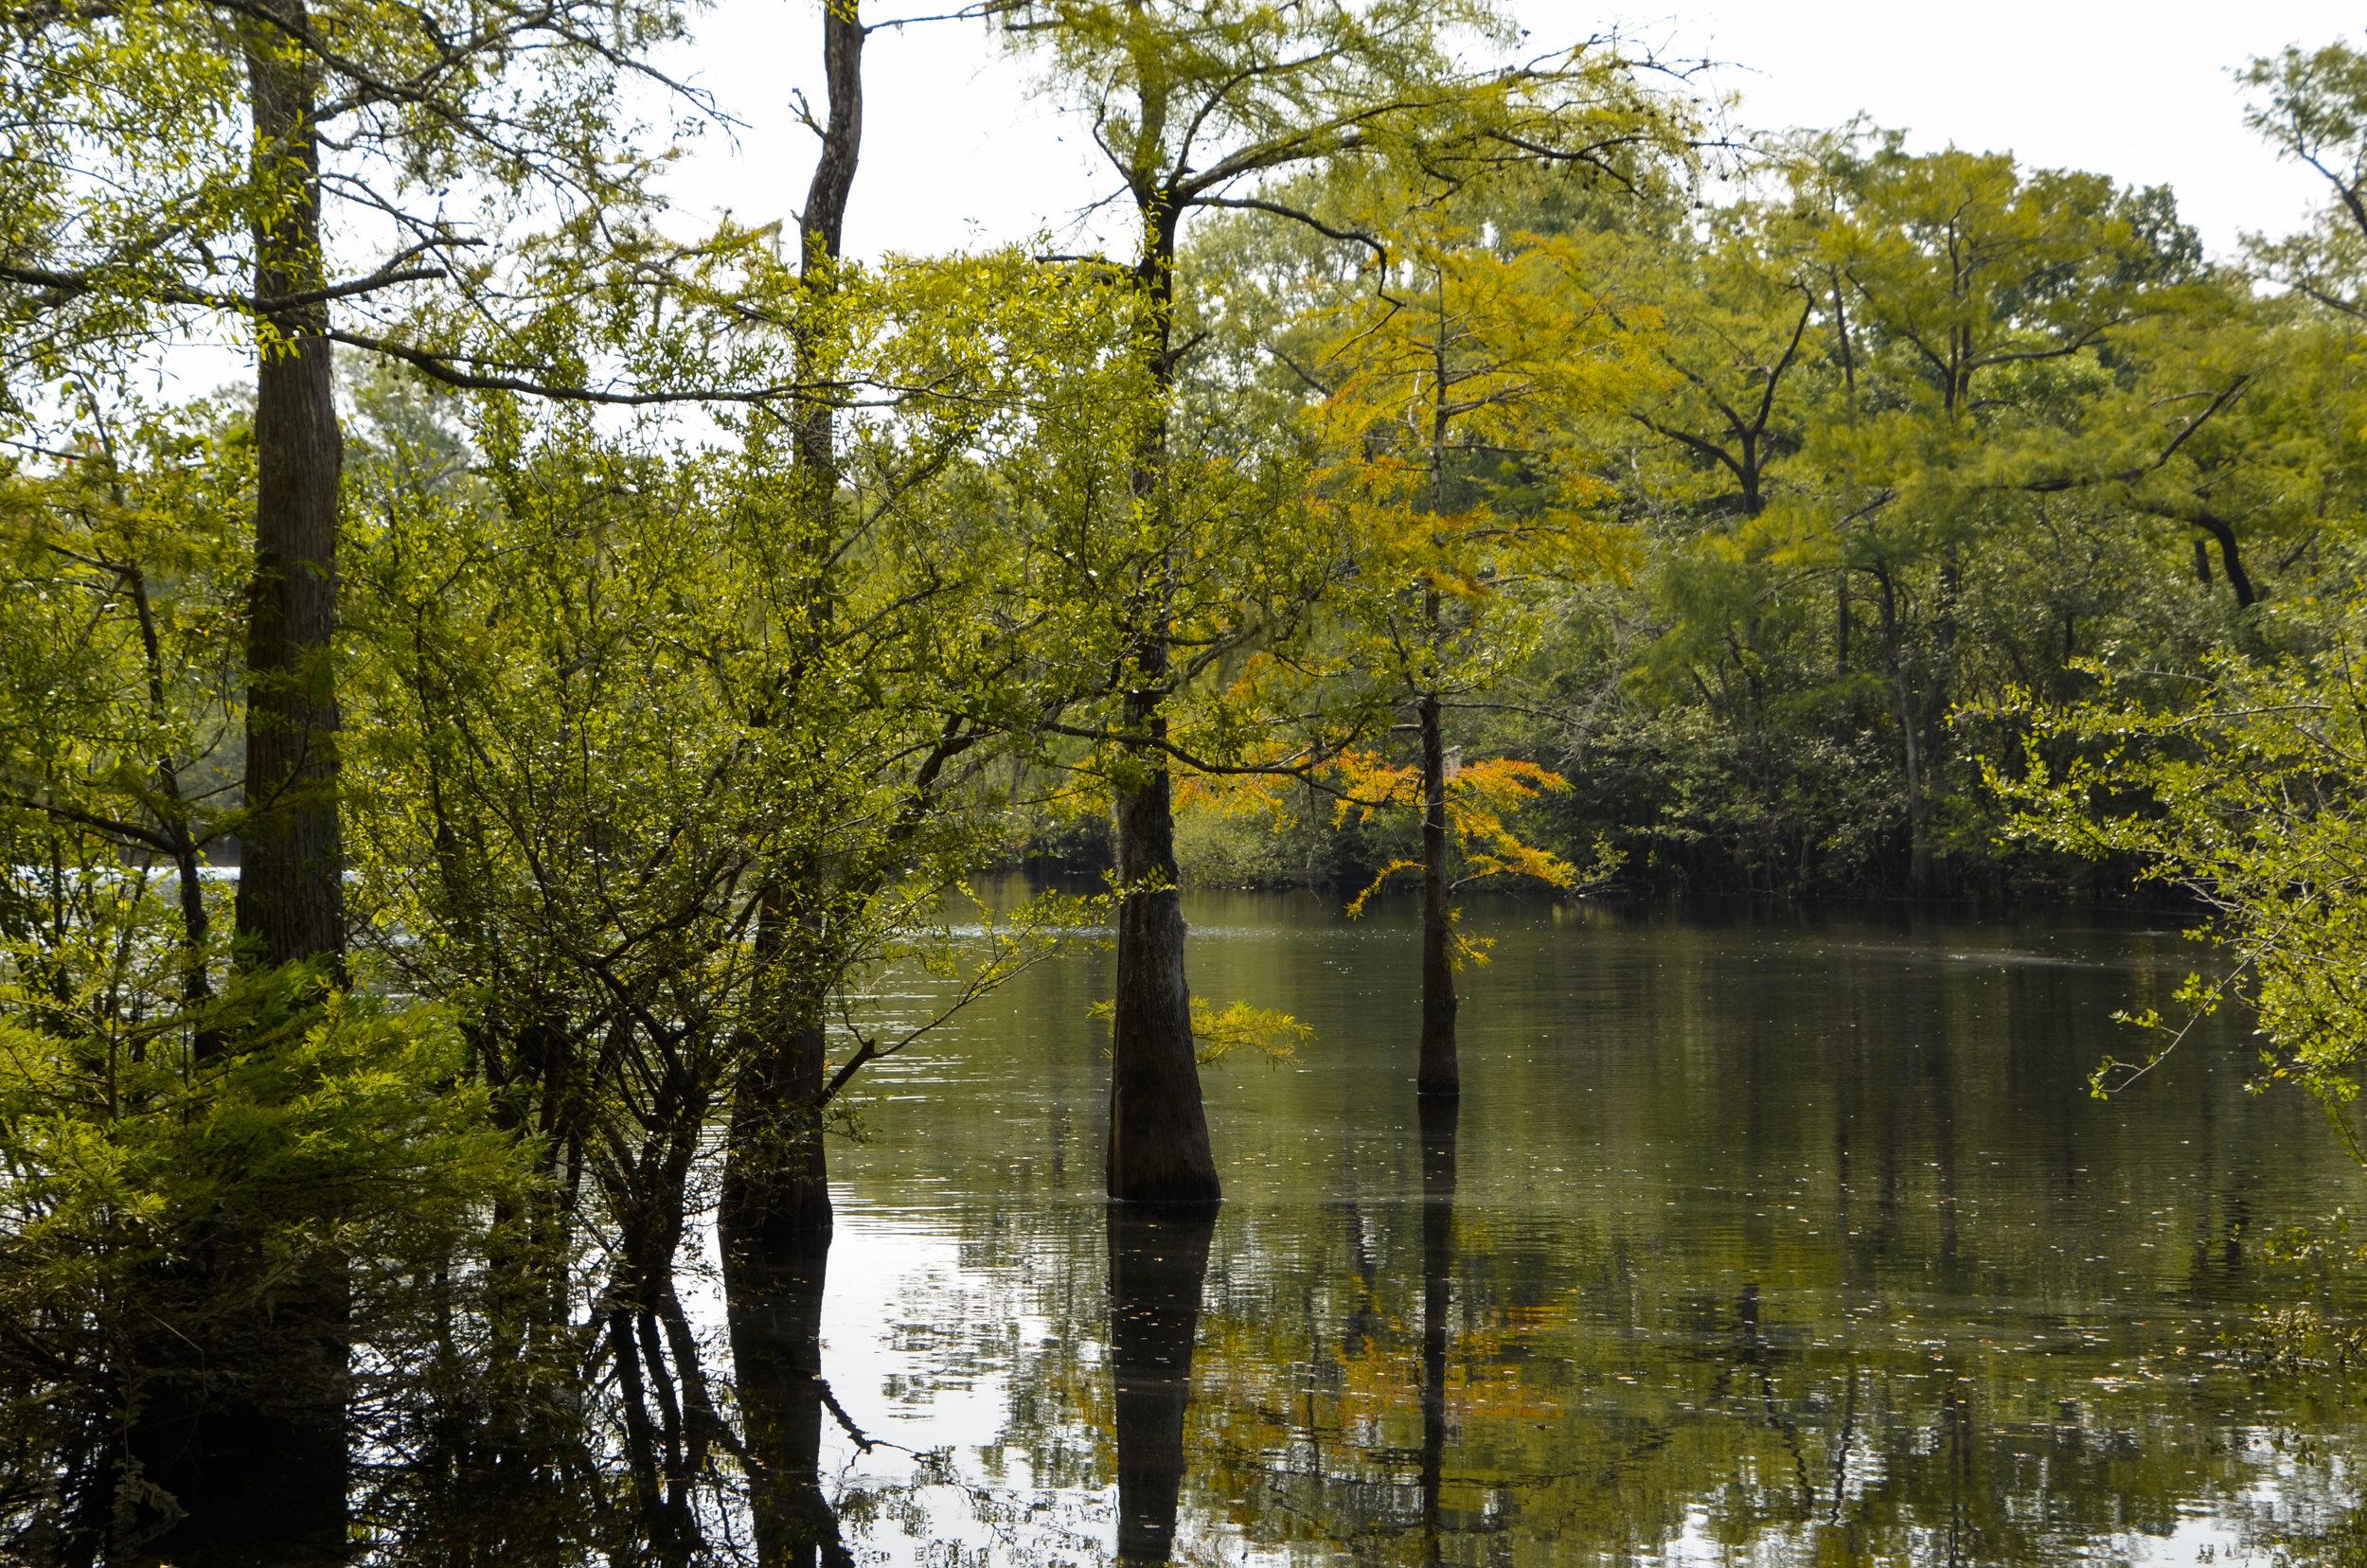 Ox bow lake at Big Savannah Bluff.